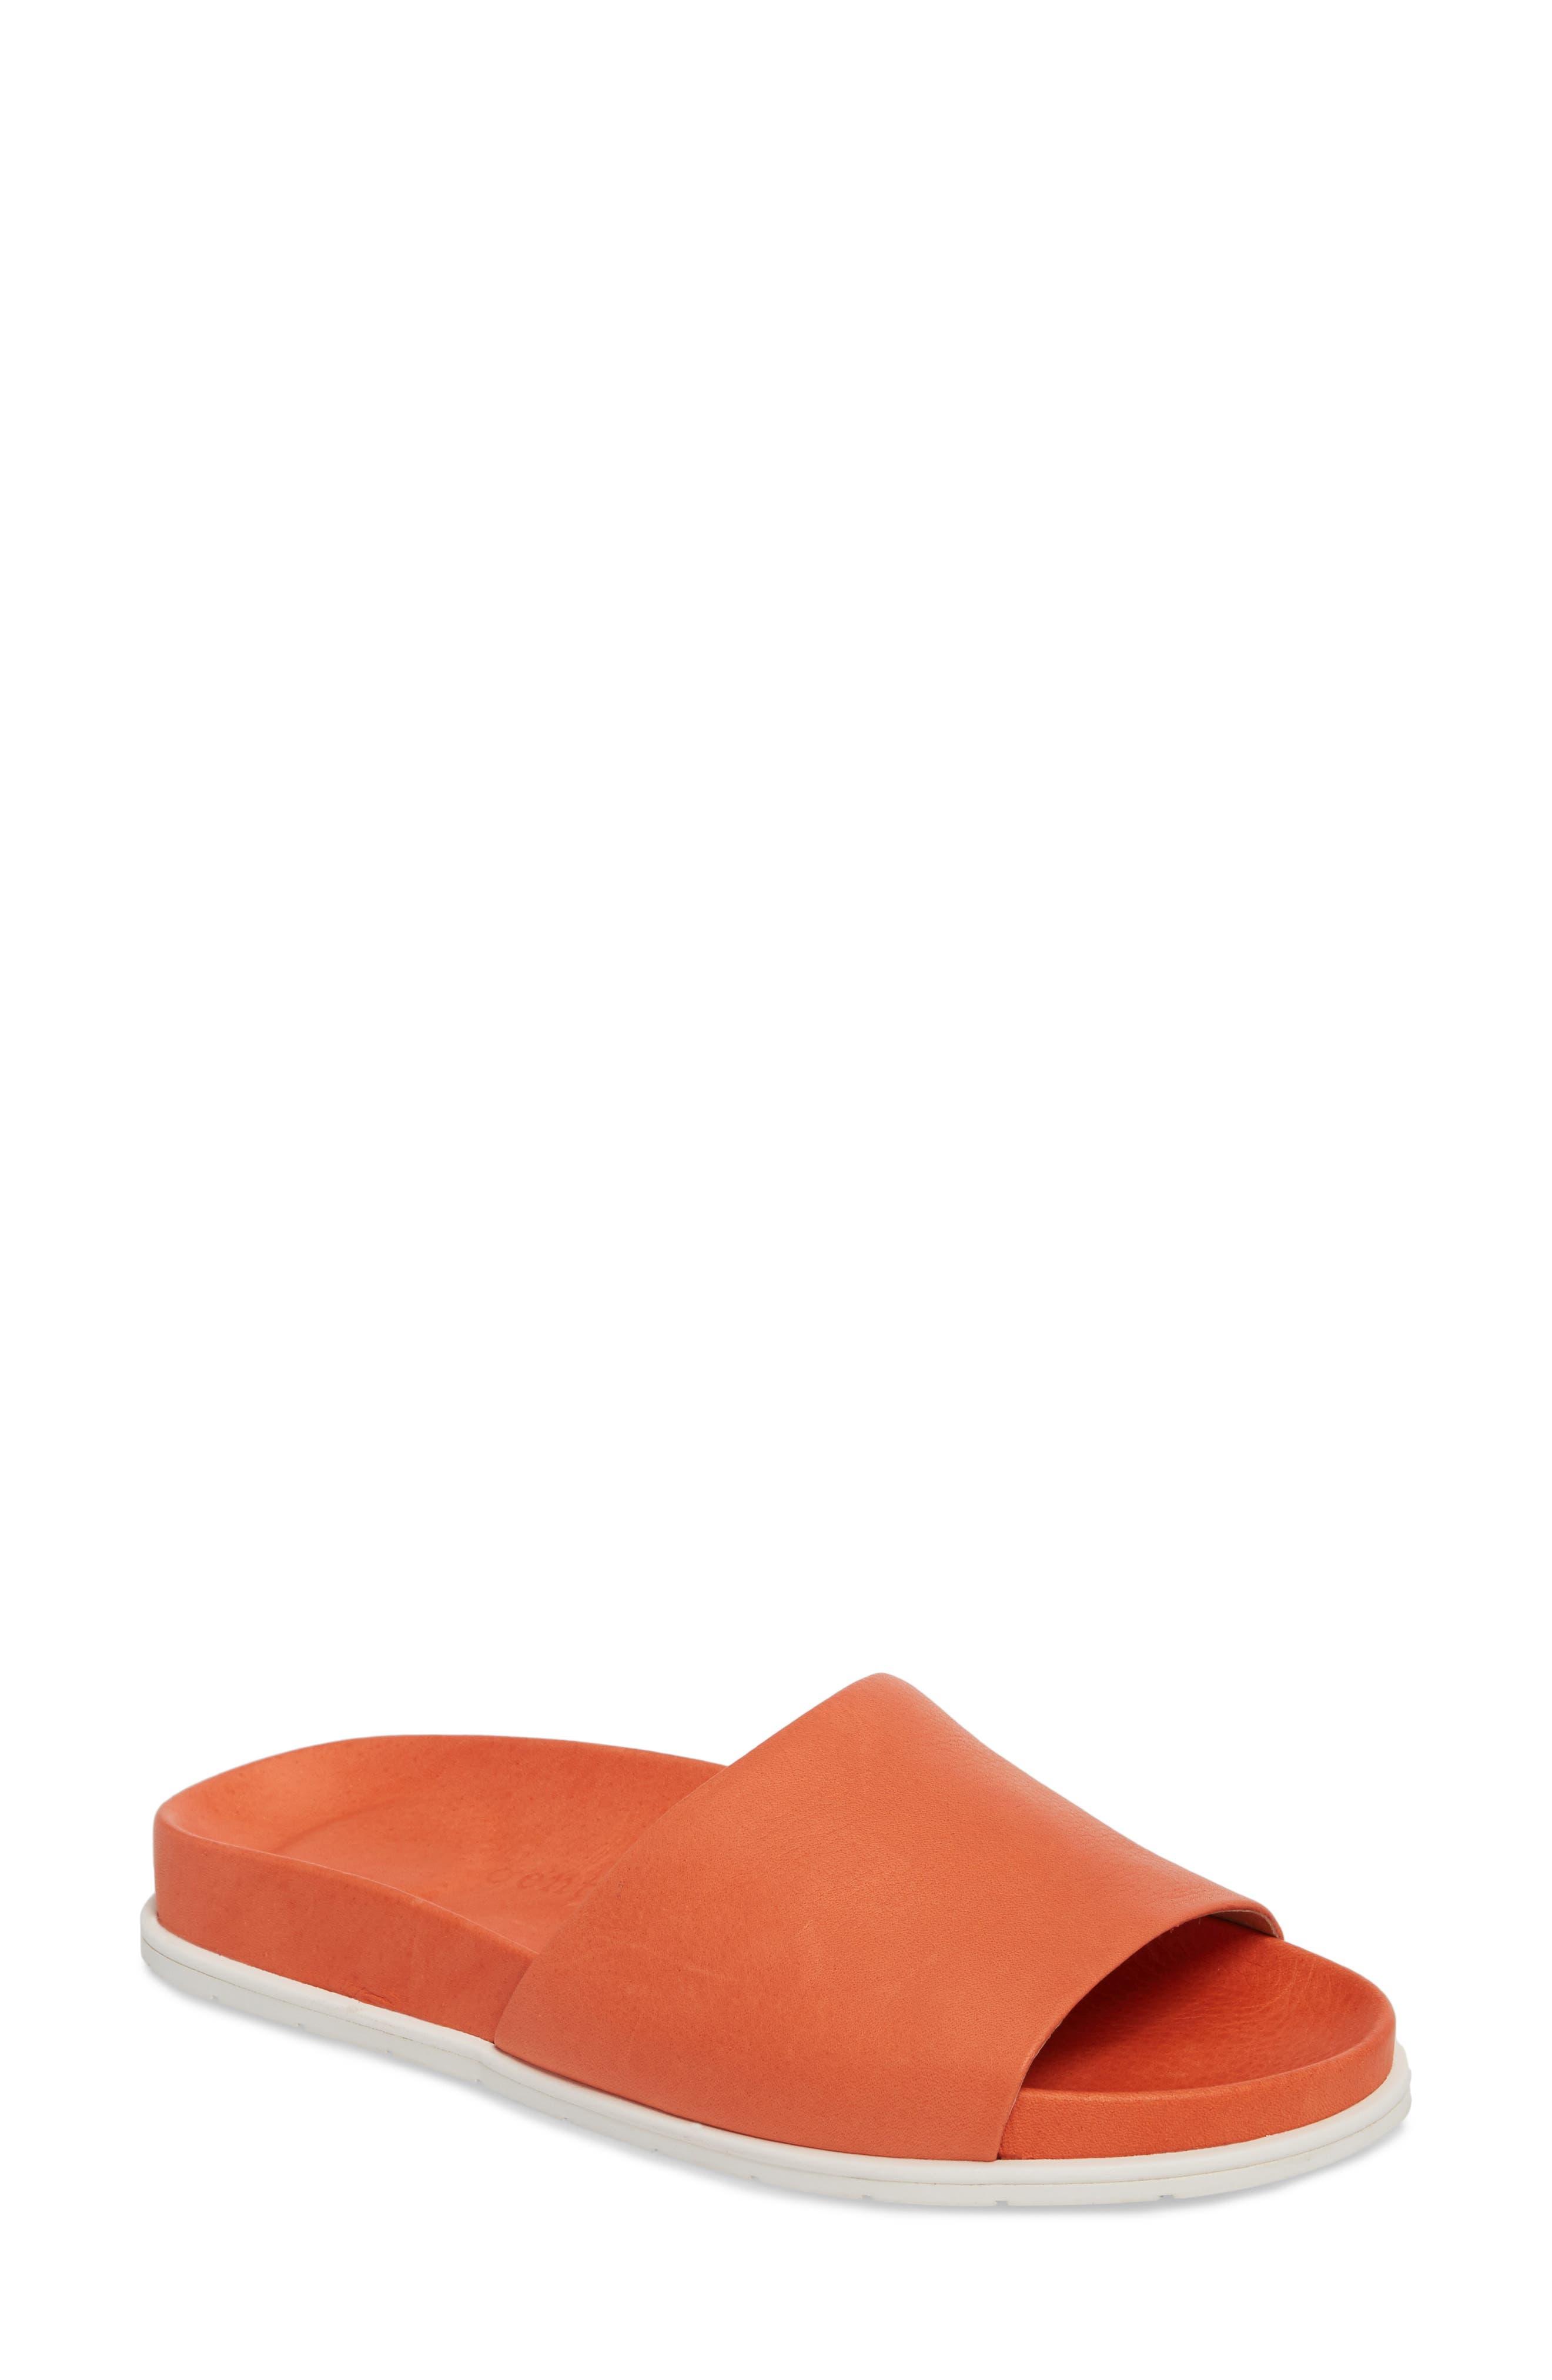 Gentle Souls By Kenneth Cole Iona Slide Sandal, Orange